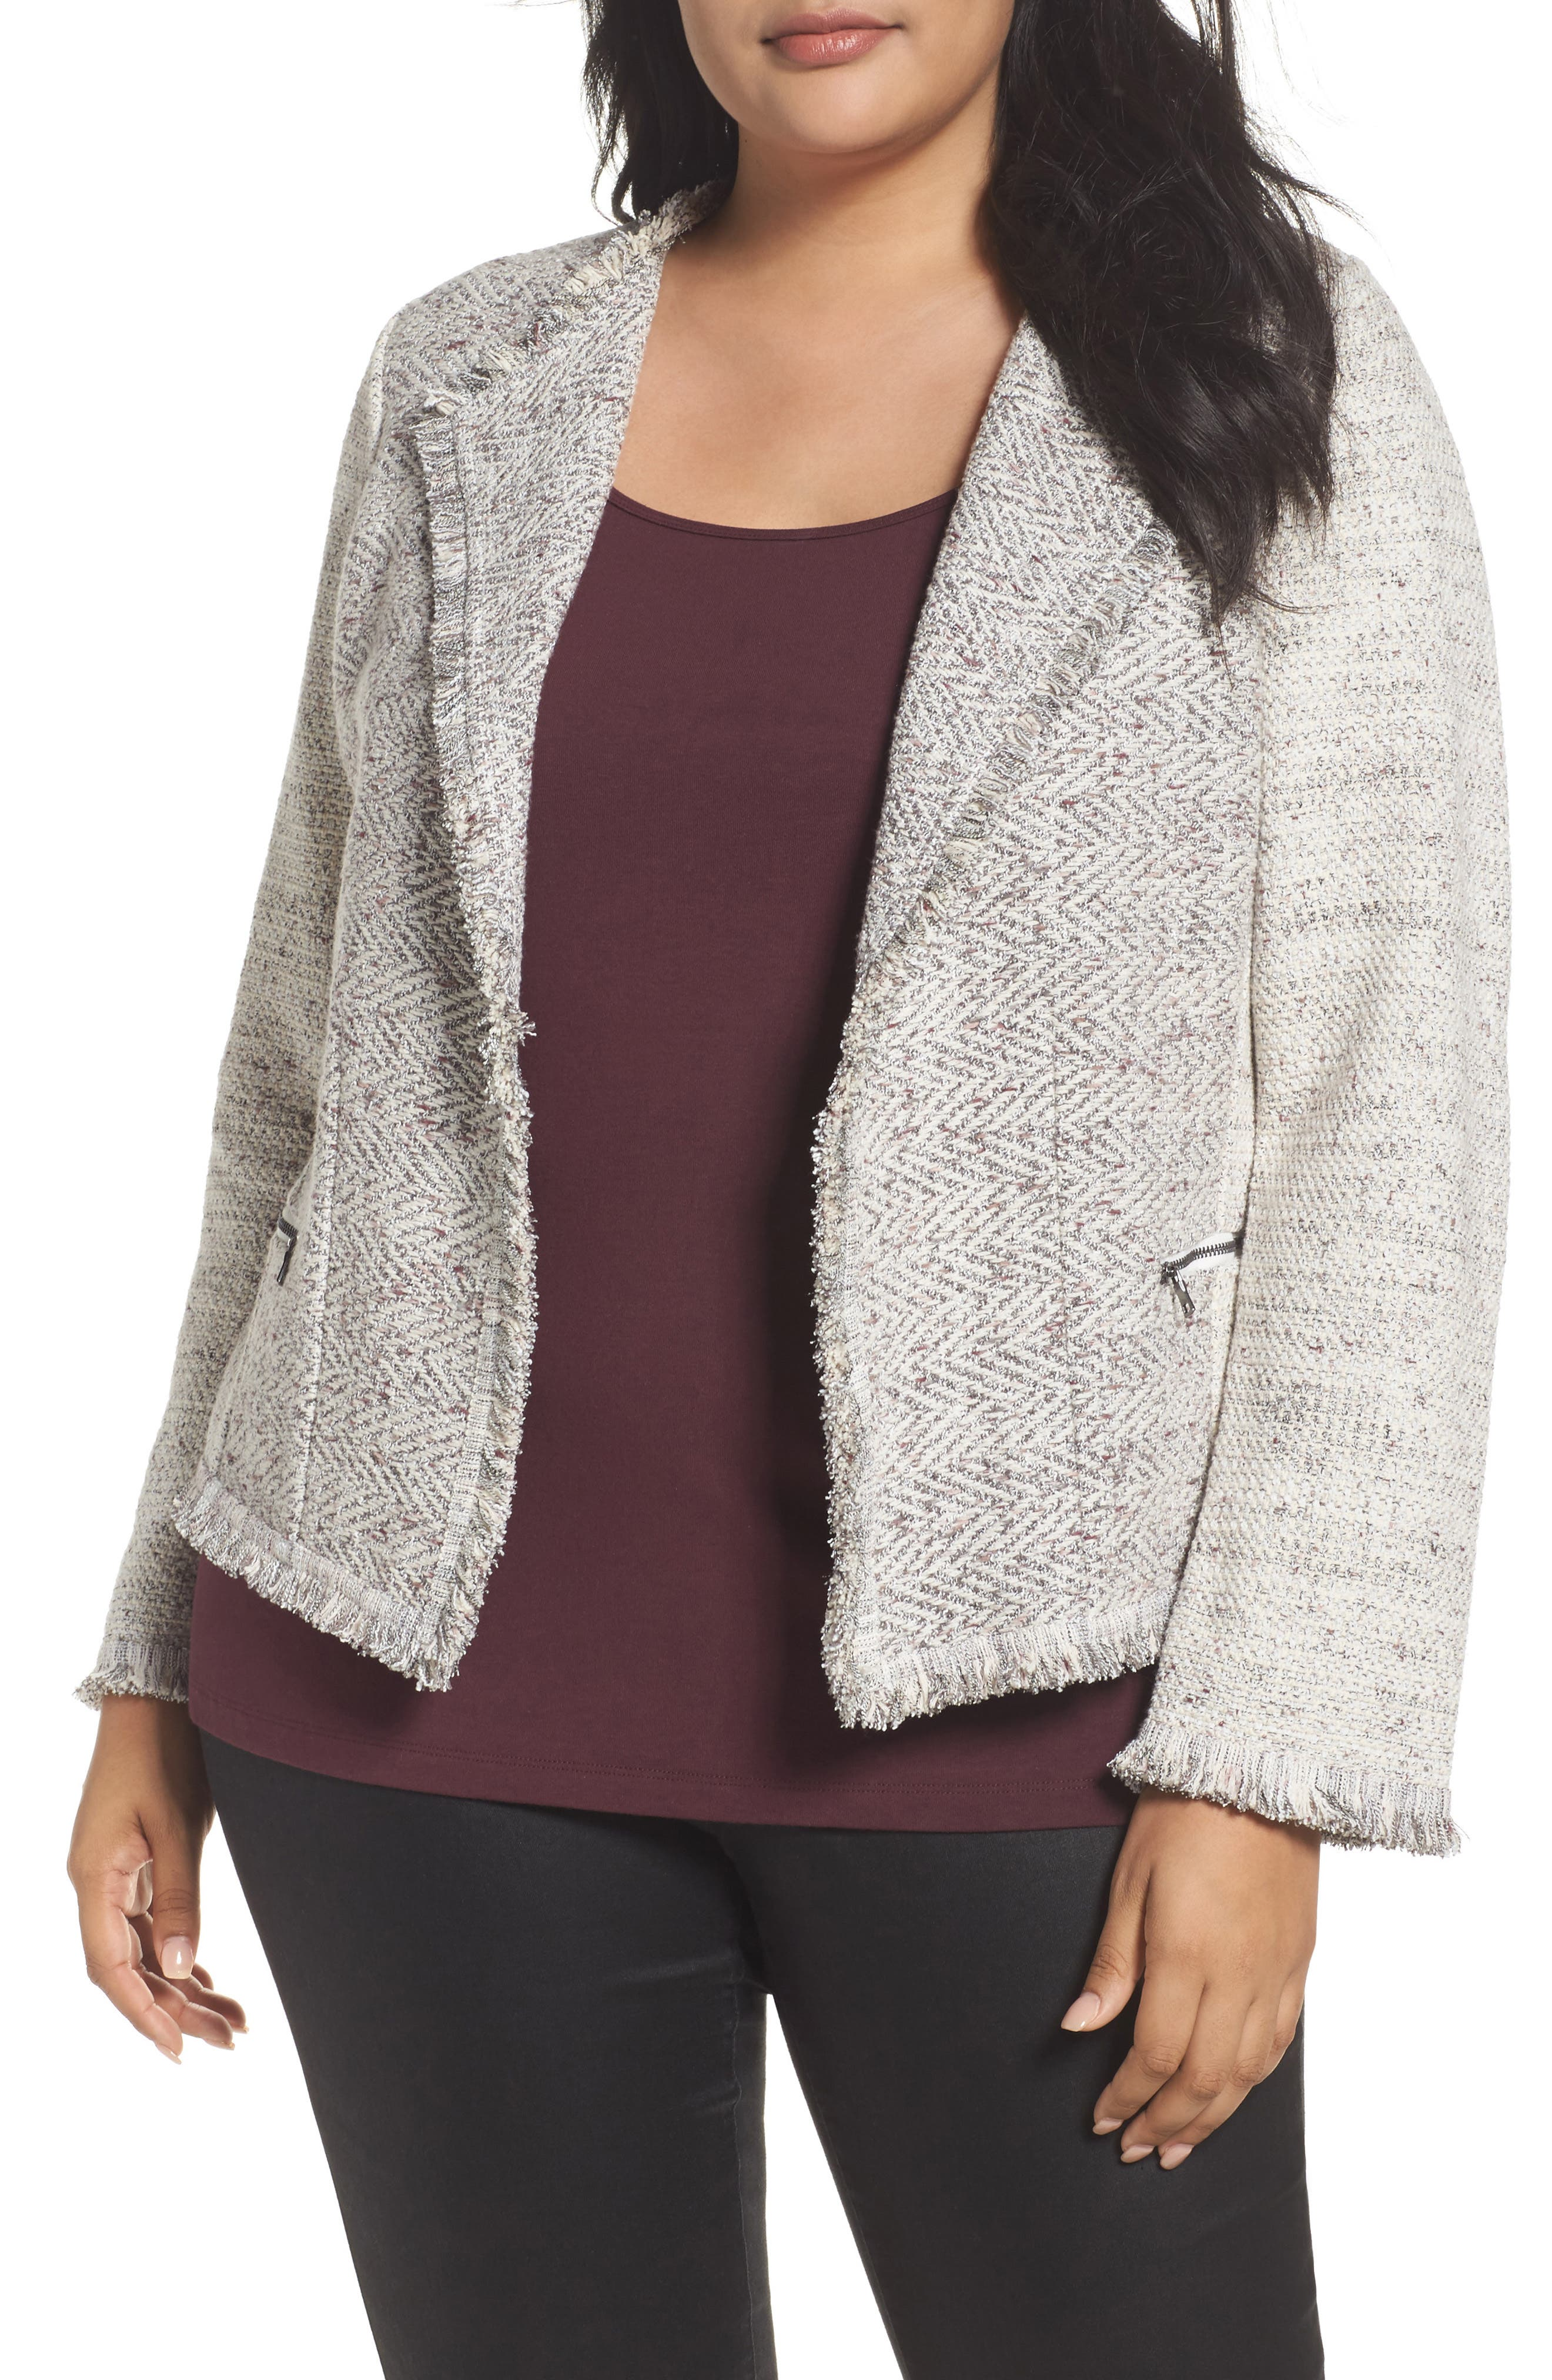 Main Image - NIC+ZOE Chilled Tweed Jacket (Plus Size)